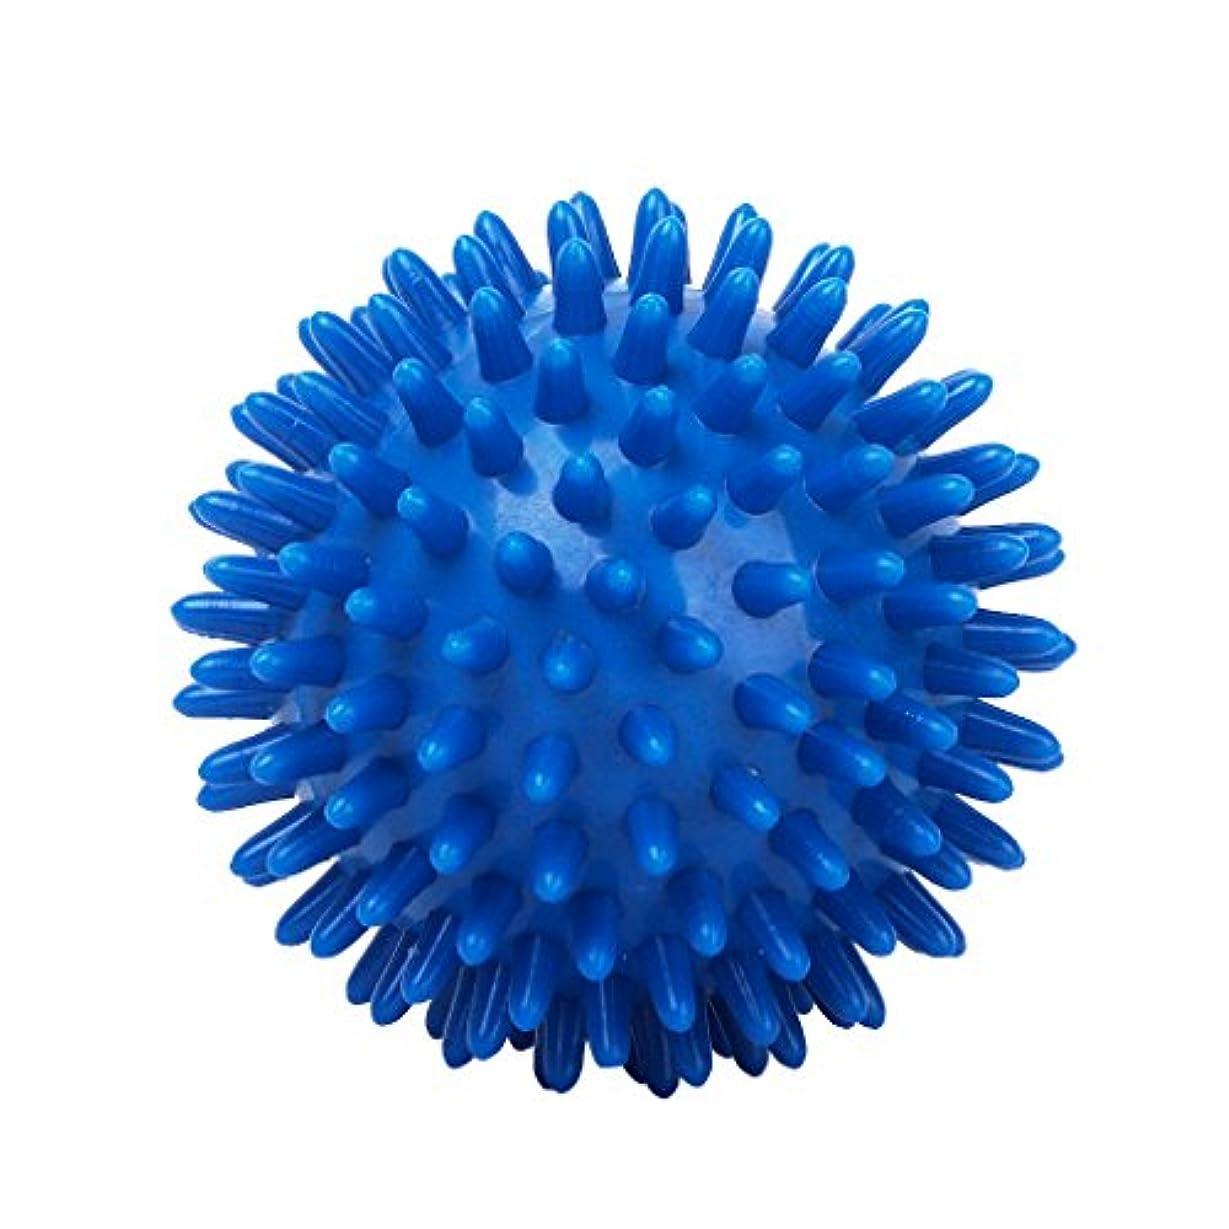 どっち手足直径Fenteer 便利 小型 マッサージボール 足用 筋肉対応 高品質 8cm マッサージ ボール PVC製 ブルー